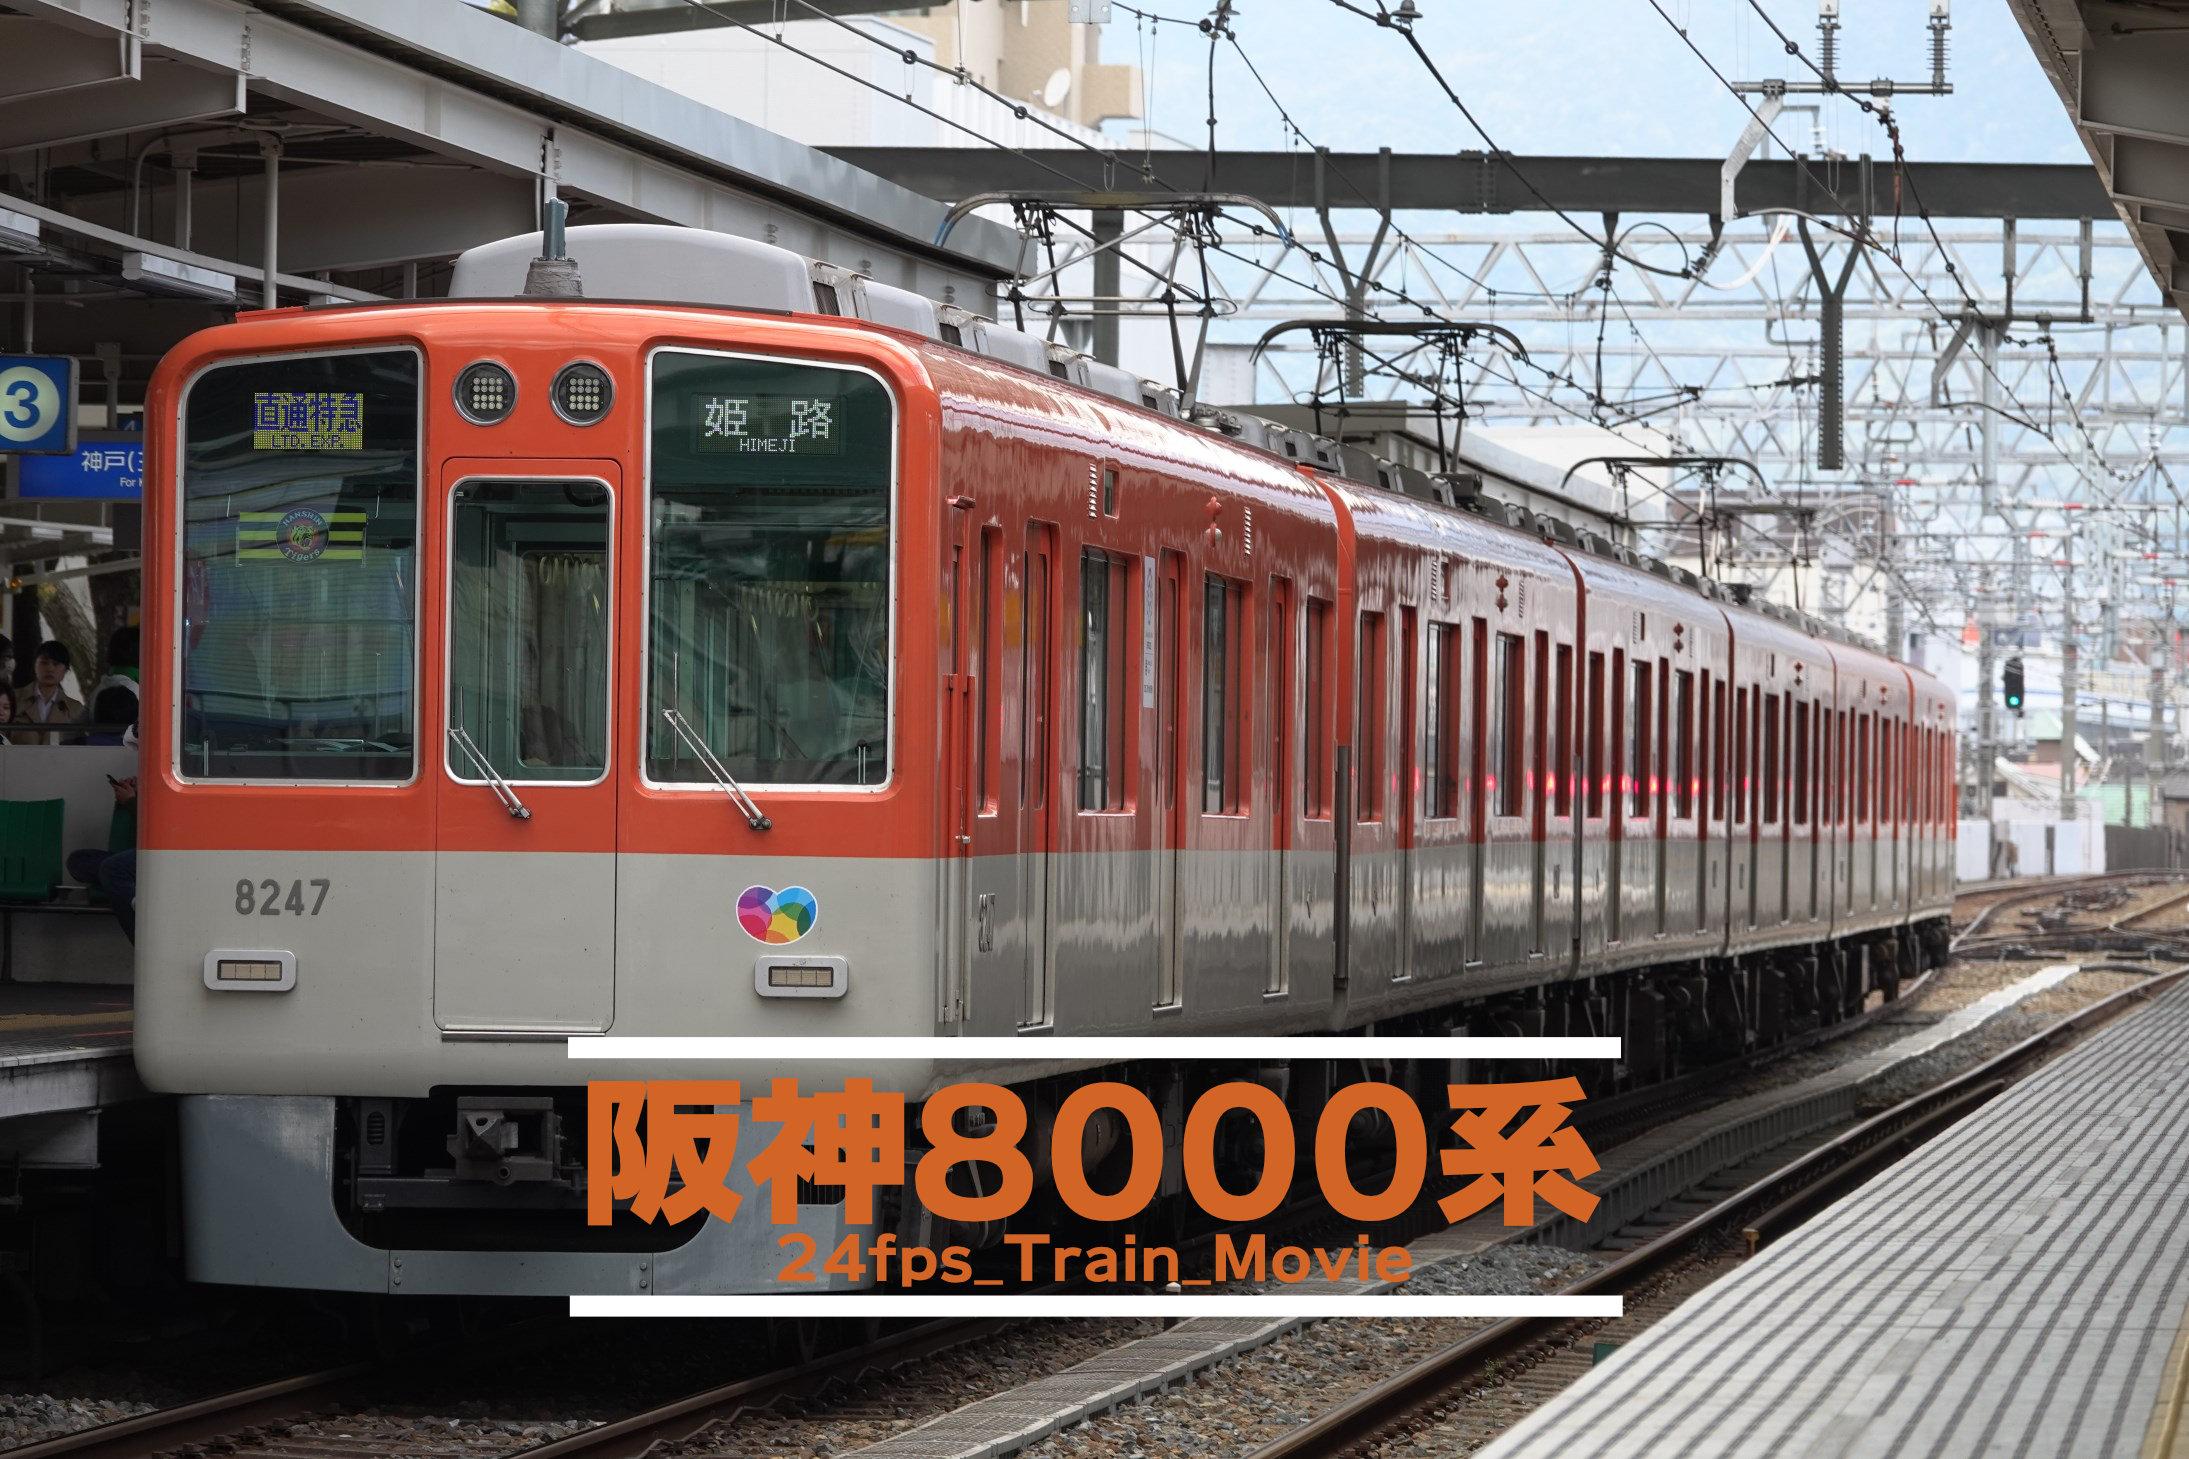 阪神8000系を24fps S-log3撮影して気付いたこと